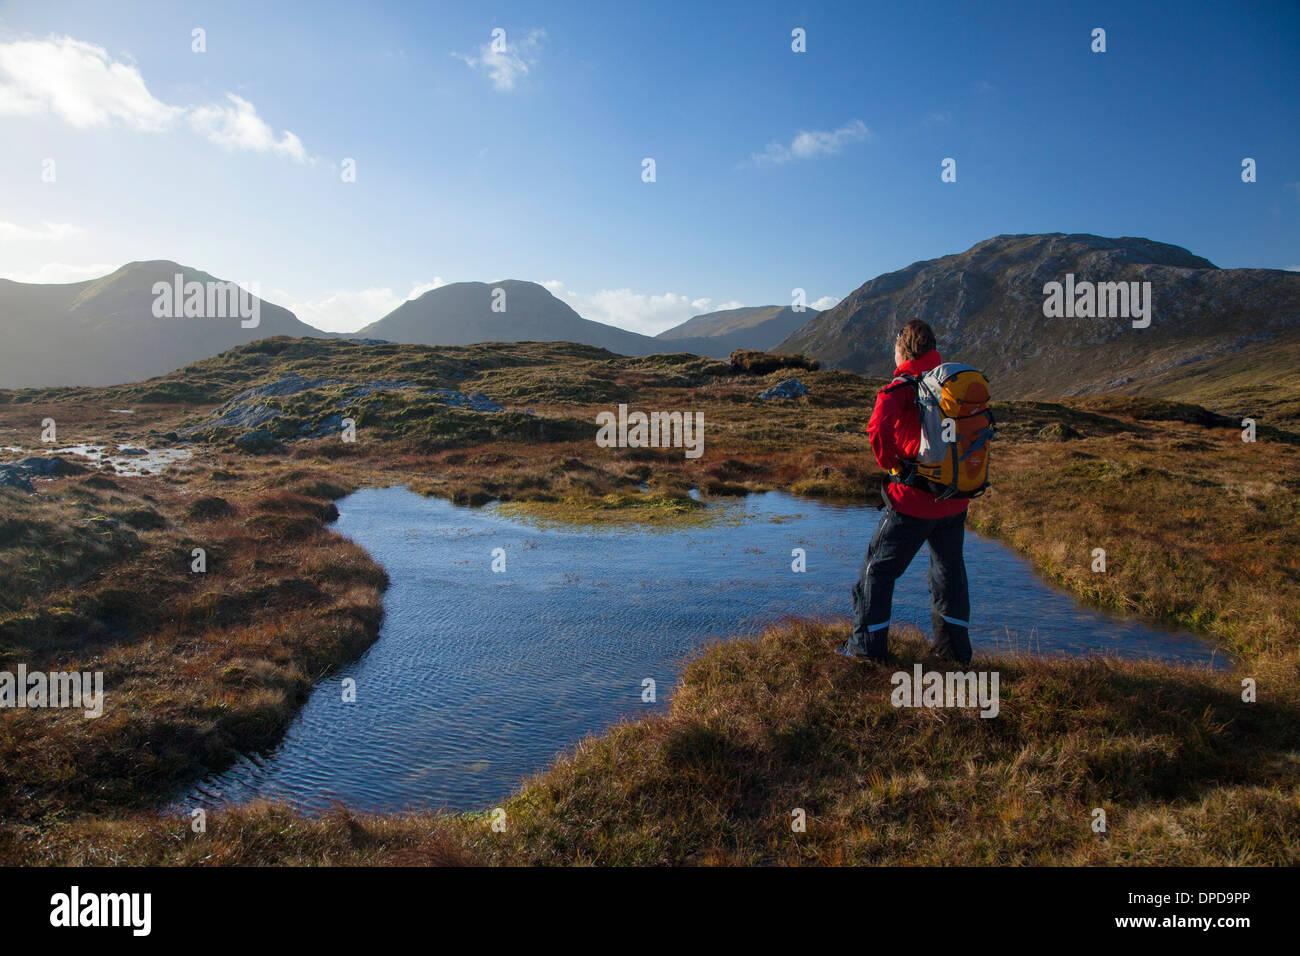 Walker a côté d'un bog extérieure sur une crête élevée dans les Twelve Bens, Connemara, comté de Galway, Irlande. Photo Stock